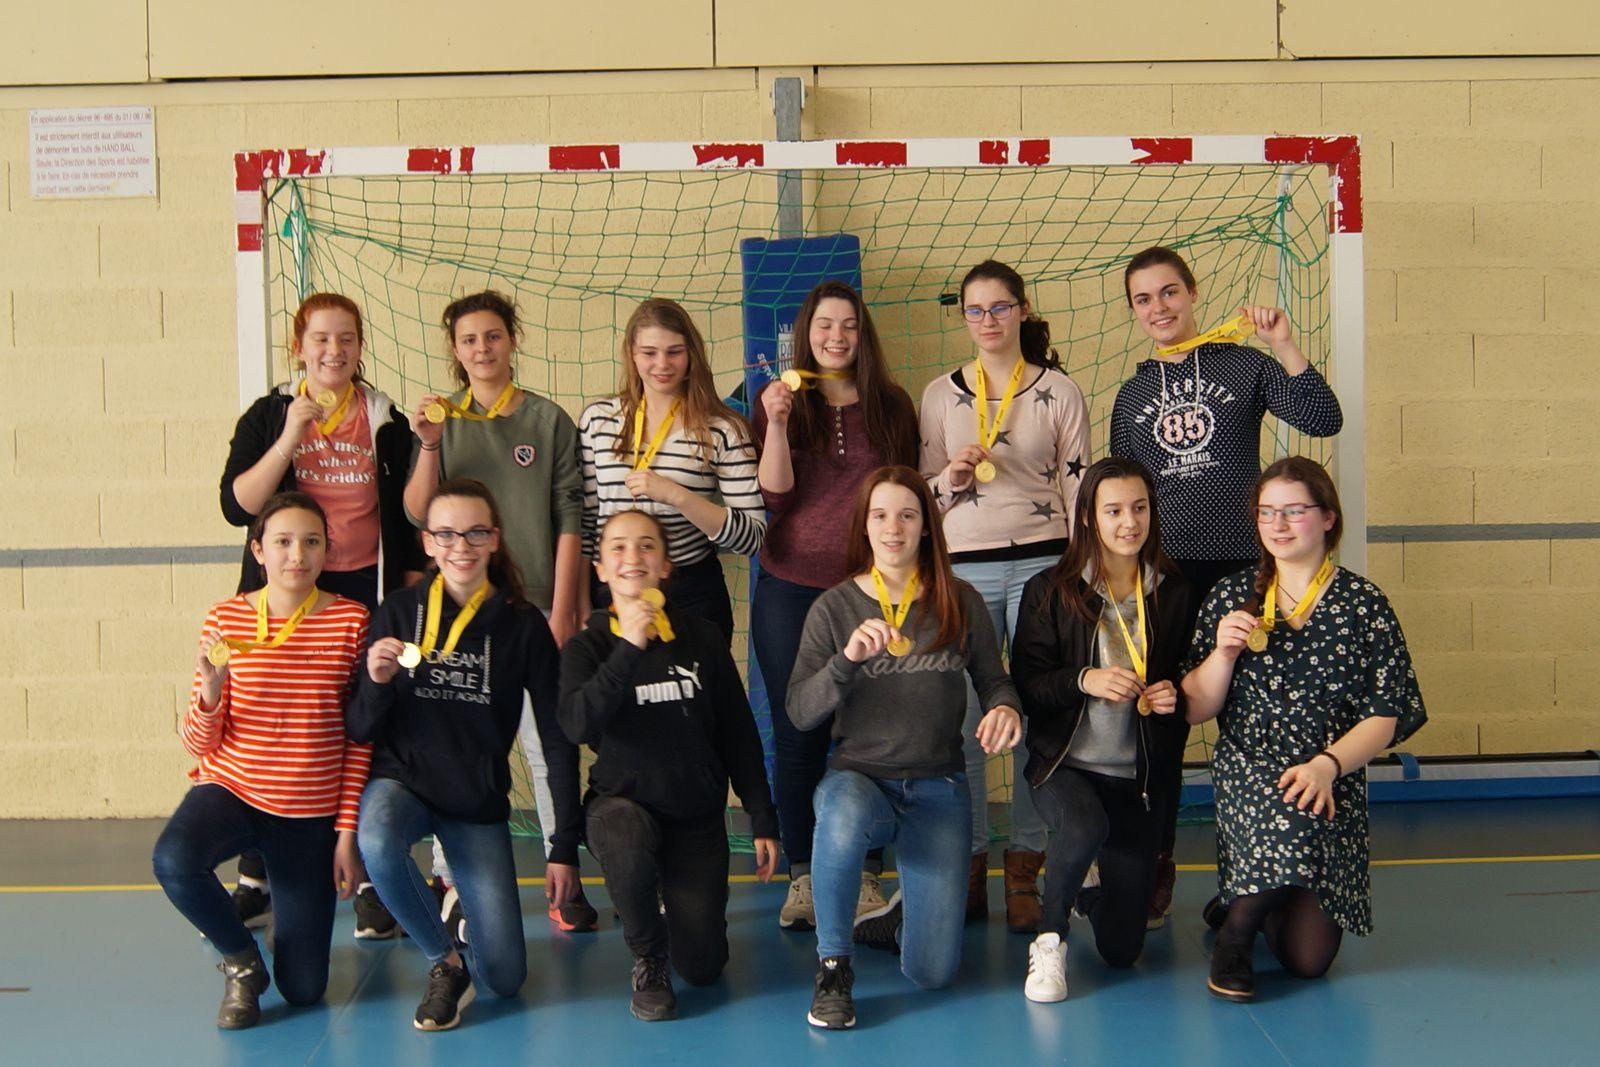 Championnat d'Académie HB minimes FIlles mars 2017 reims